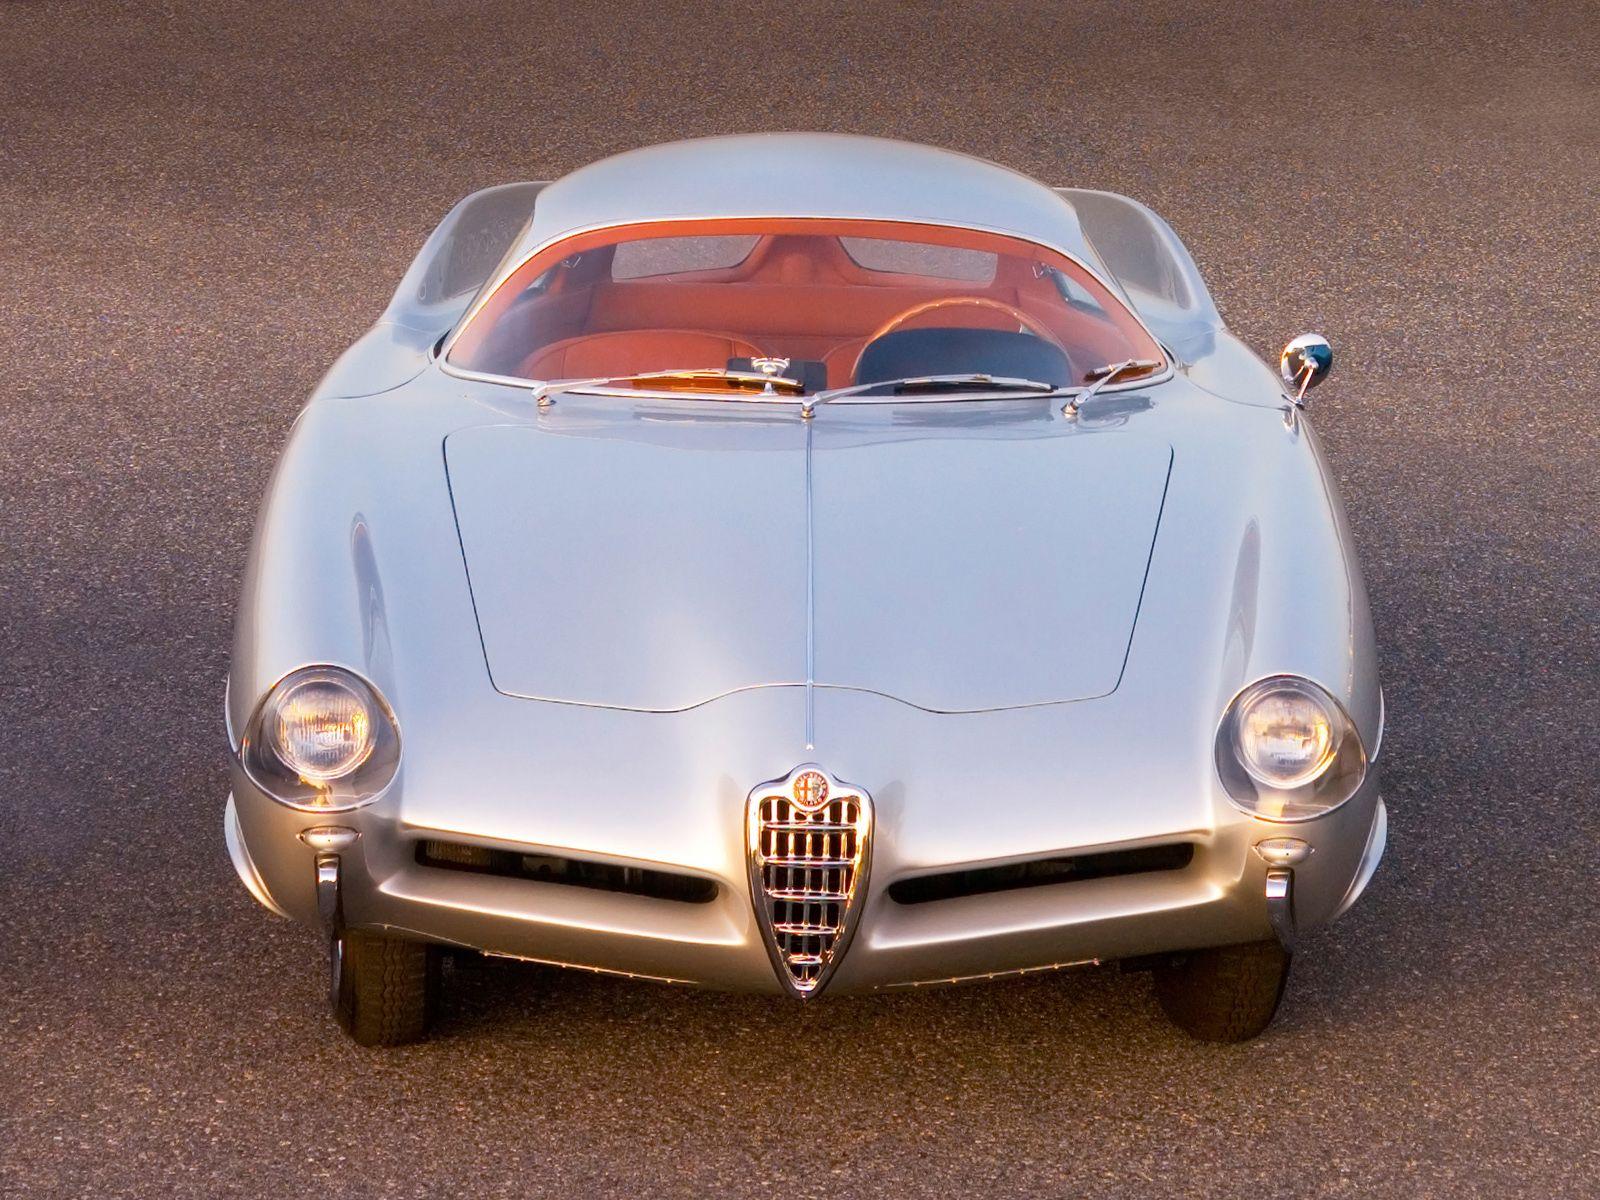 Alfa Romeo Bat 9 concept Wheels